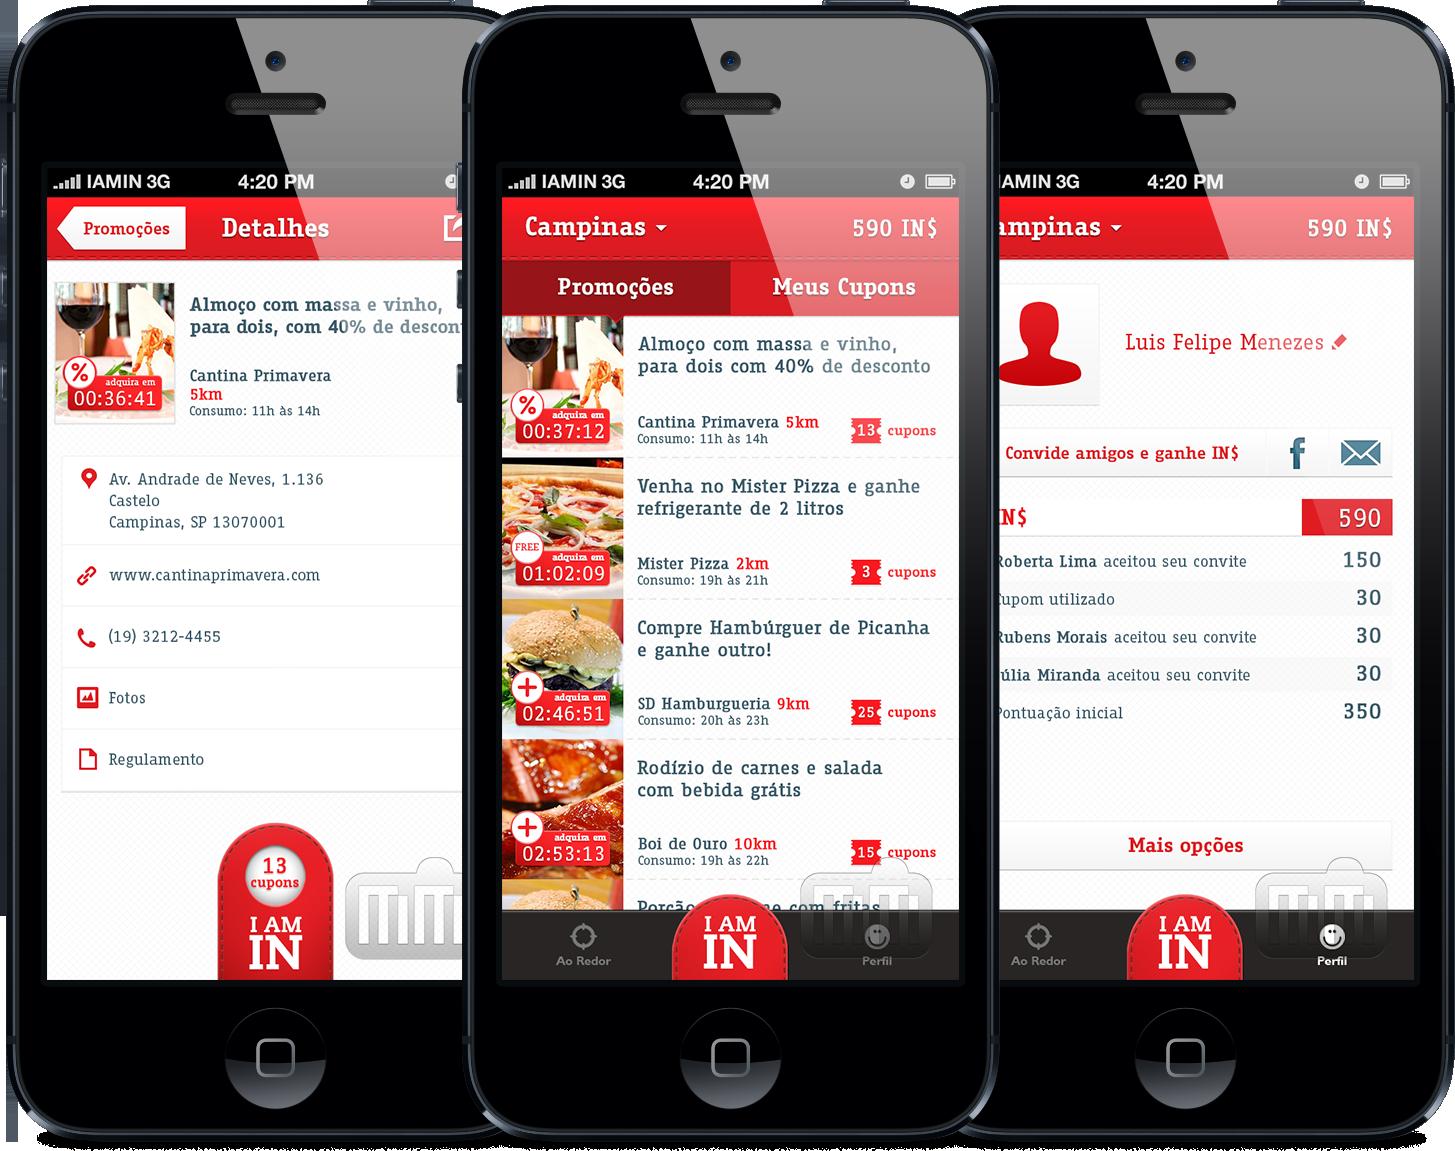 """Idealizada no agitado cenário de novas startups brasileiras, a """"I am in"""" funciona como uma """"rede social de cupons de descontos"""", na qual o consumidor usufrui de benefícios que vão além dos descontos e promoções. Por meio de um aplicativo para iPhone ou Android, o adquire cupons de descontos em forma de código QR. Após...<br /><a class=""""more-link""""…"""